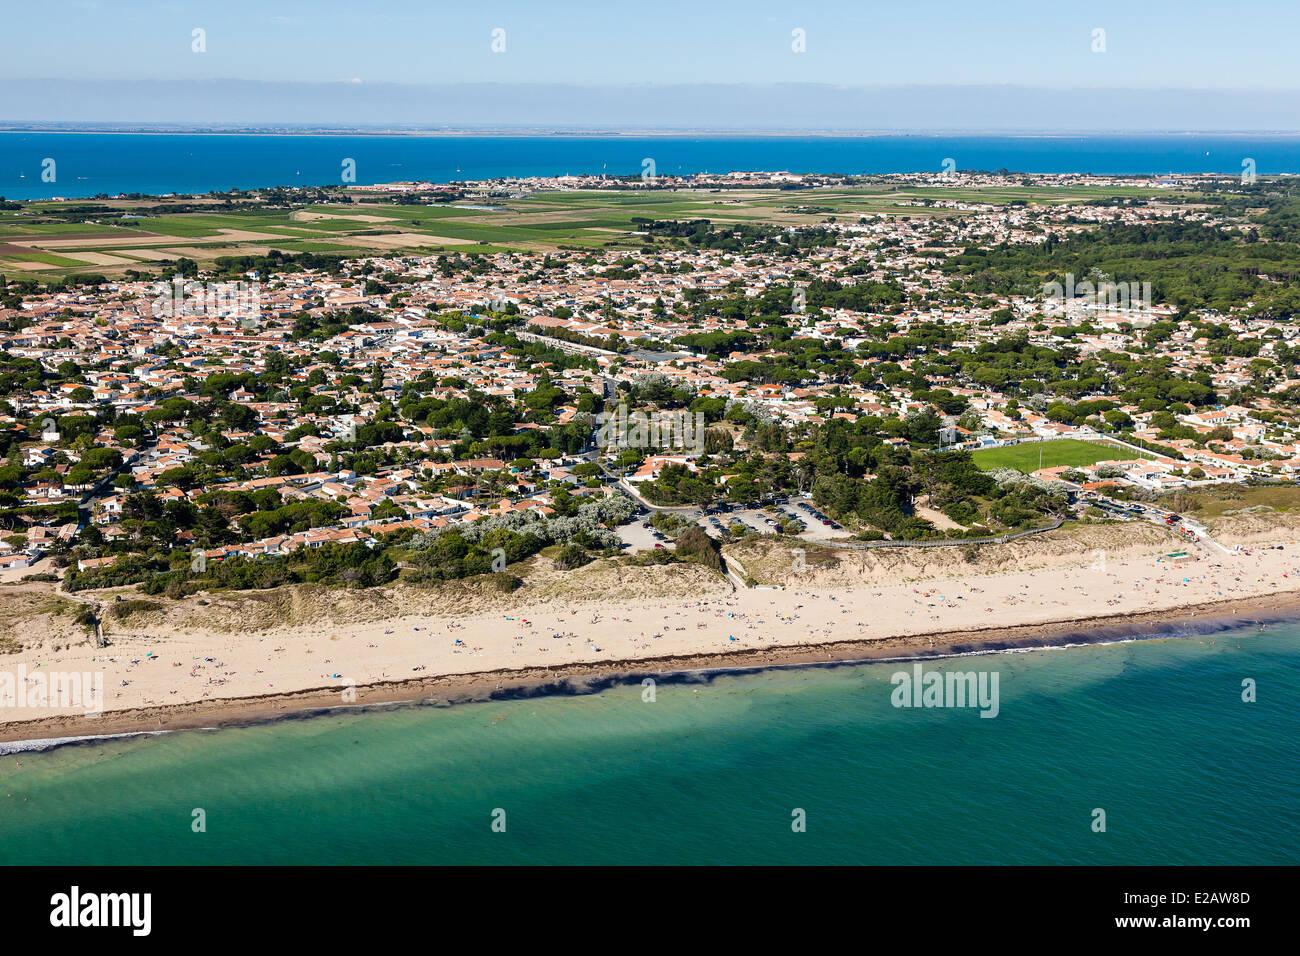 France, Charente Maritime, Ile de Re, Le Bois Plage, Gollandieres Stock Photo, Royalty Free  # Location Mobil Home Ile De Ré Bois Plage